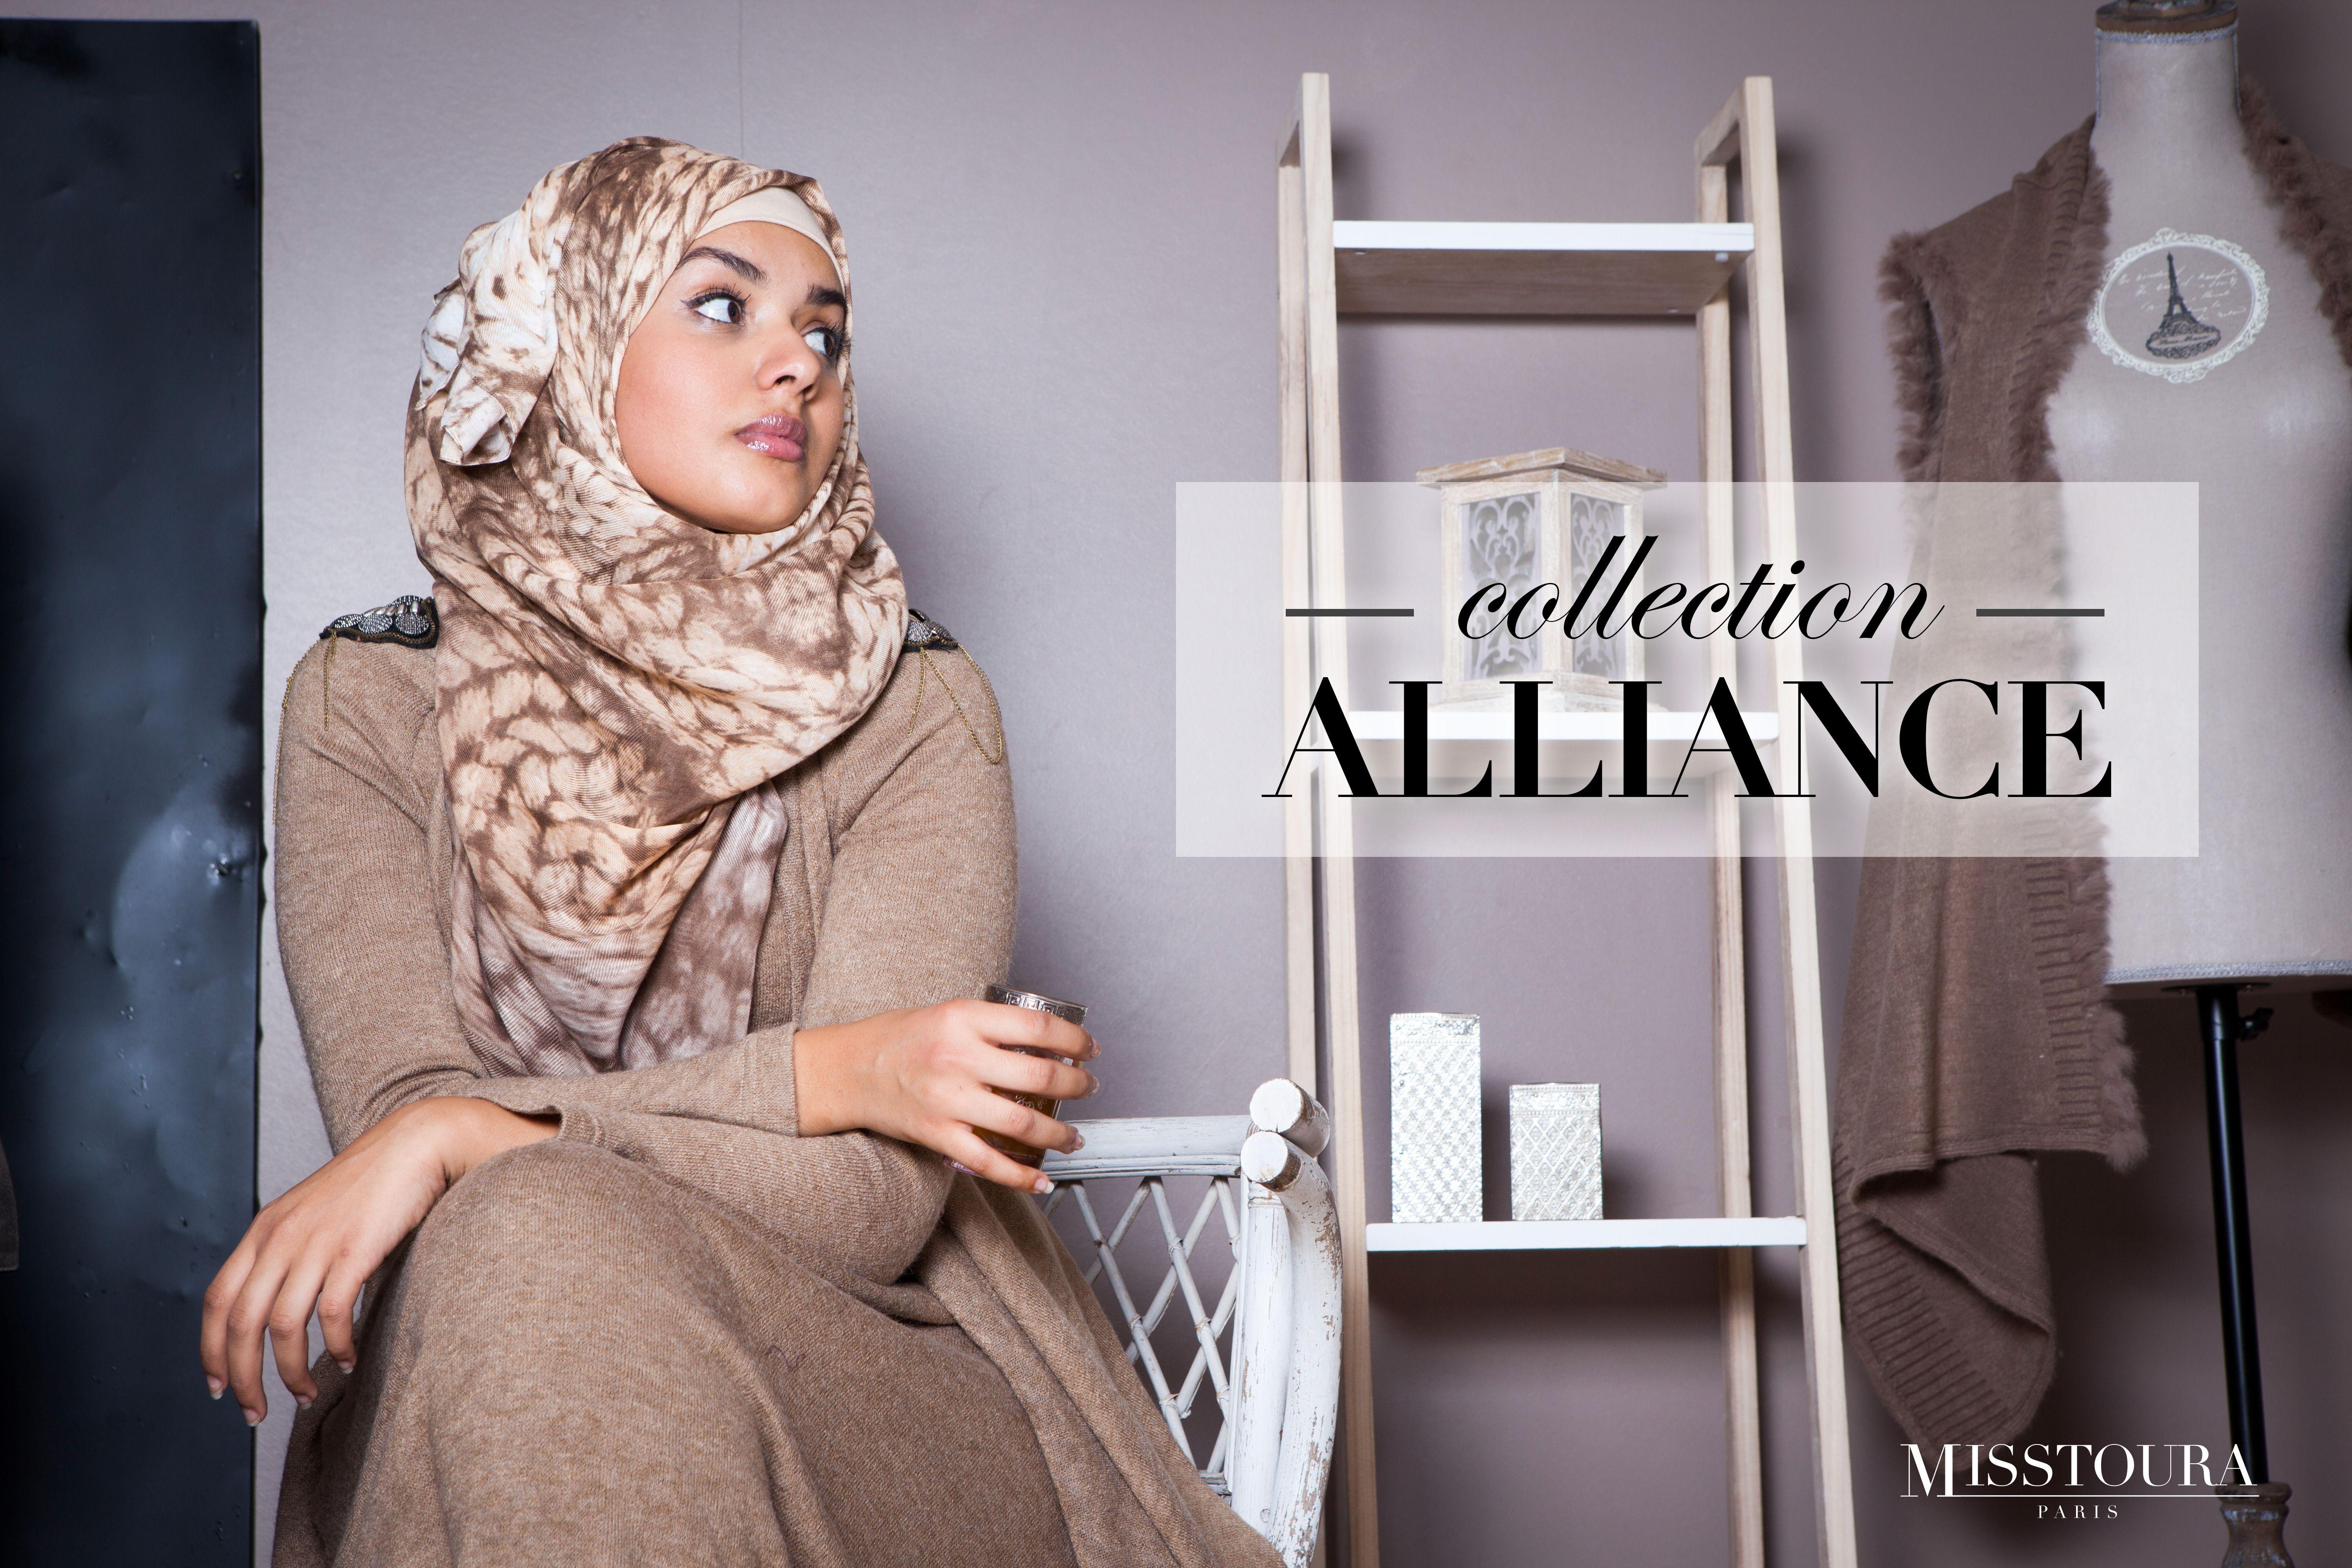 Collection Alliance Misstoura